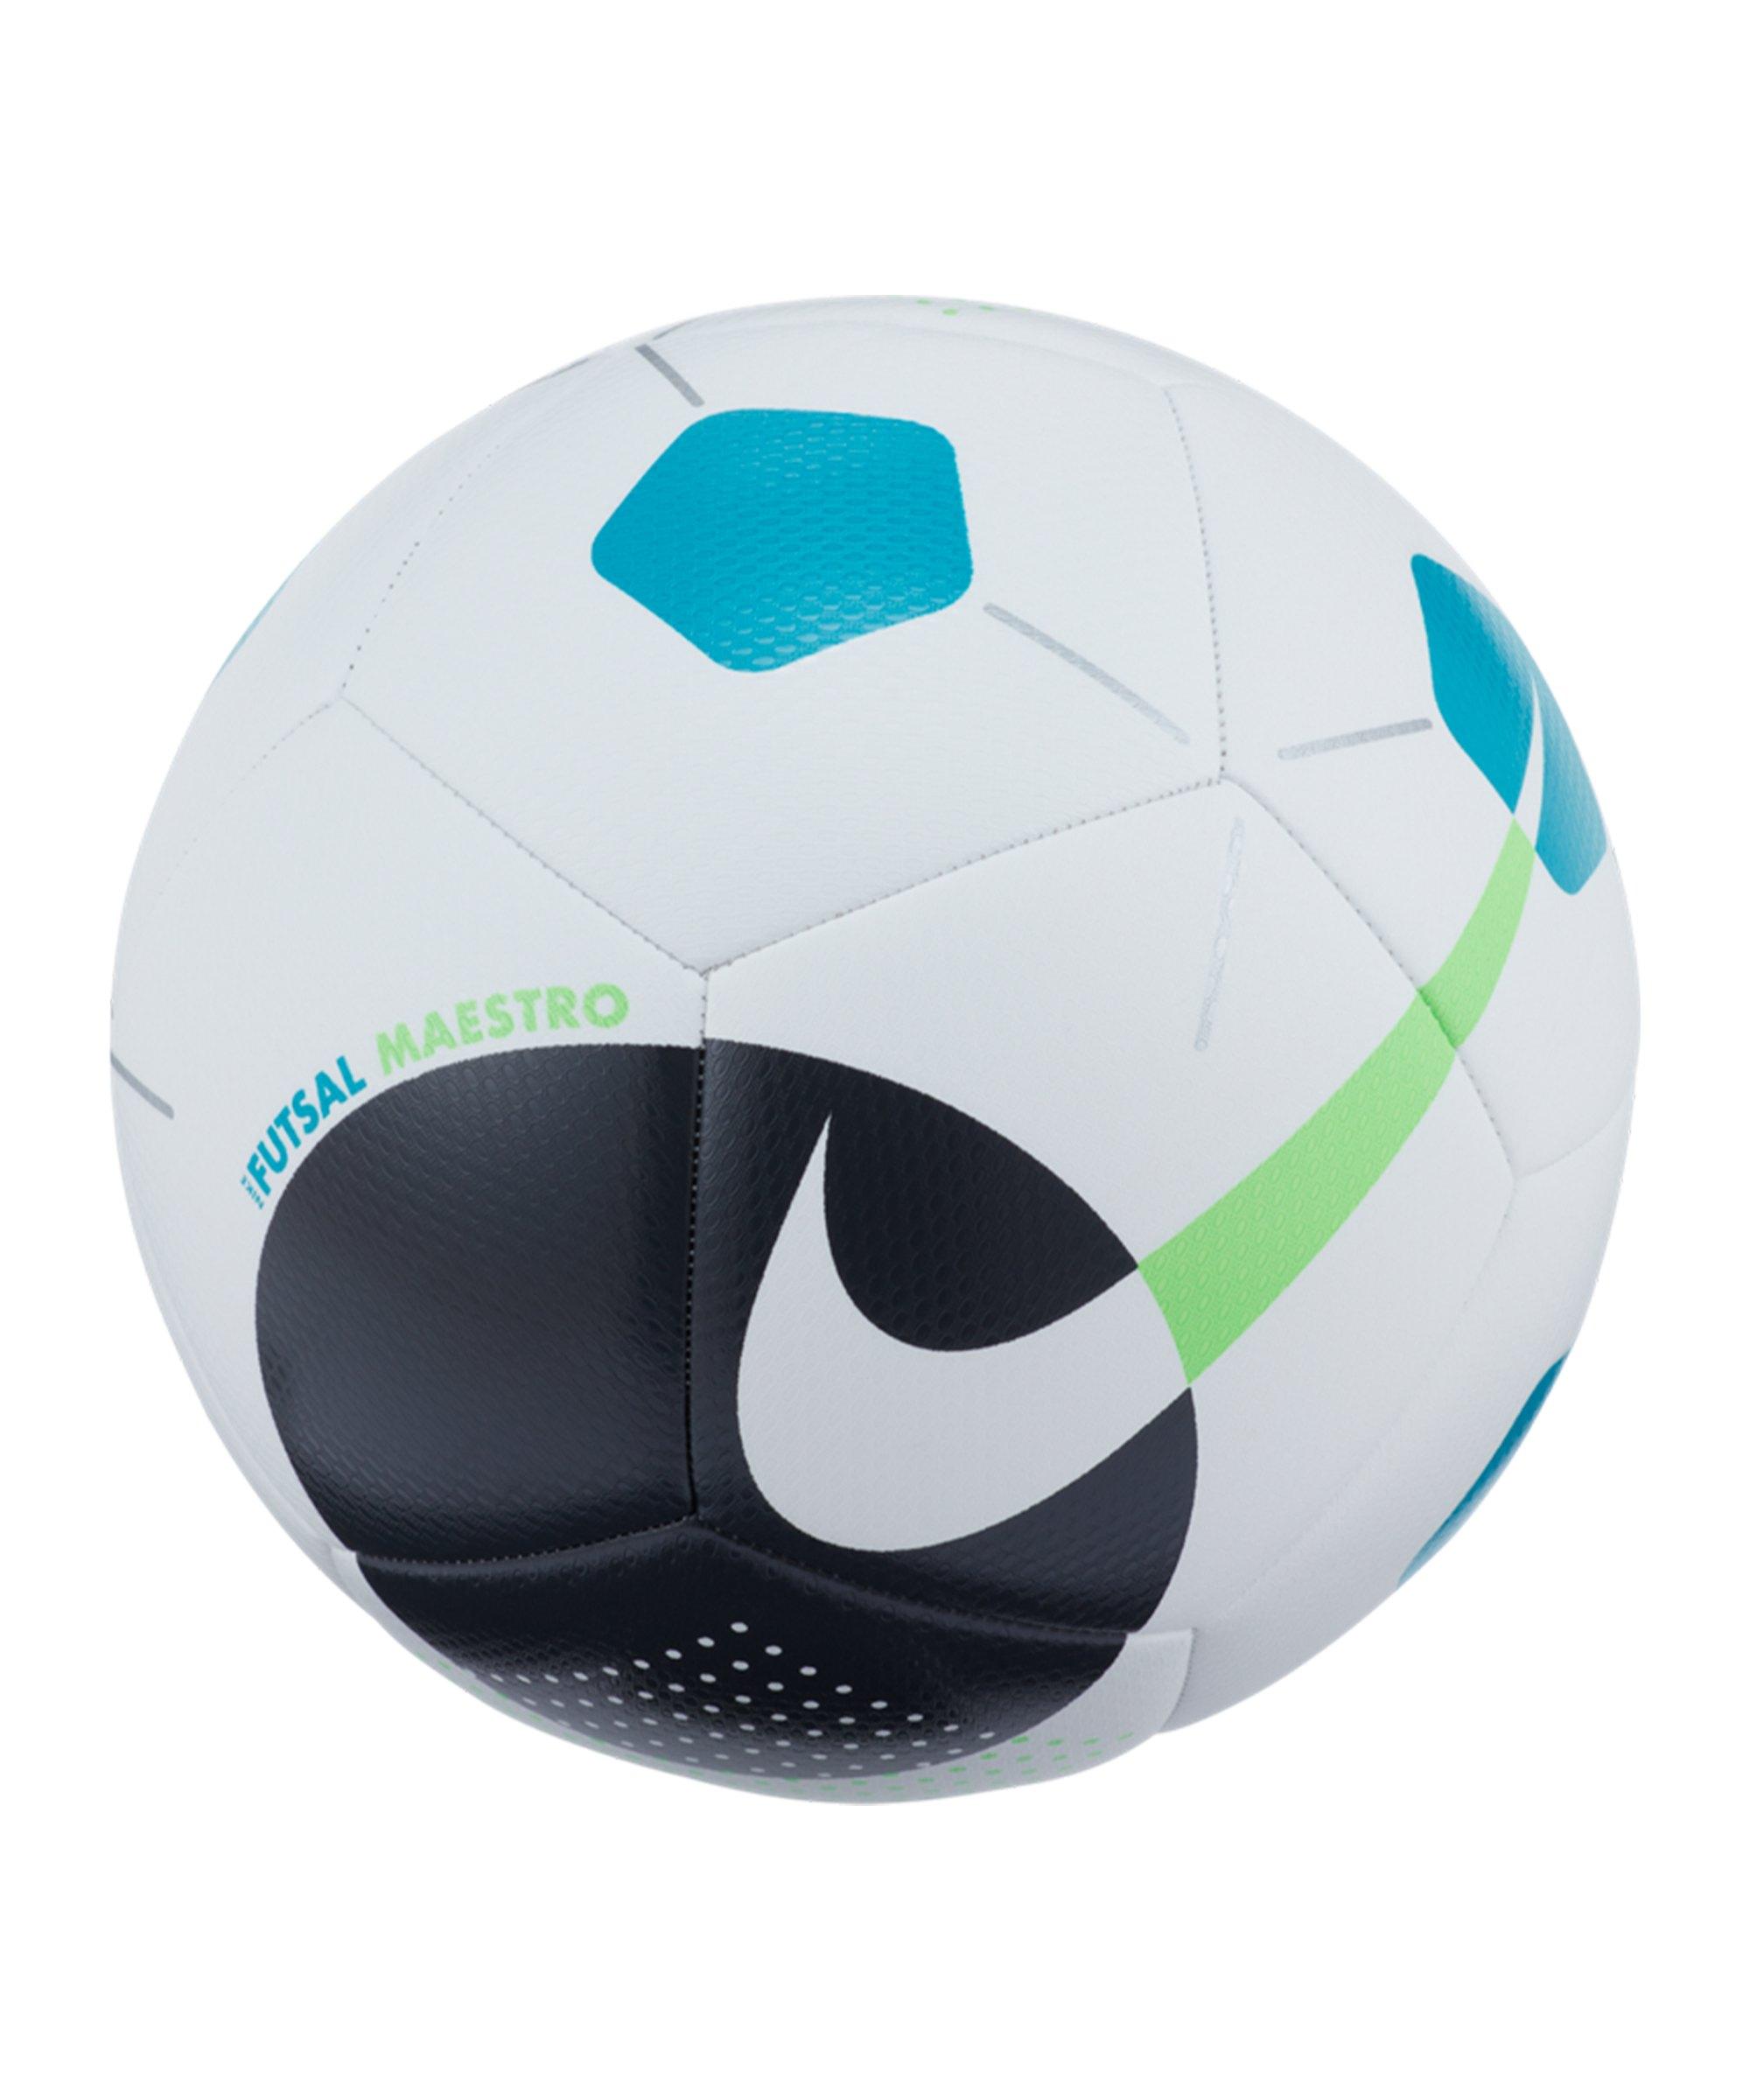 Nike Maestro Trainingsball Weiss Grün F103 - weiss